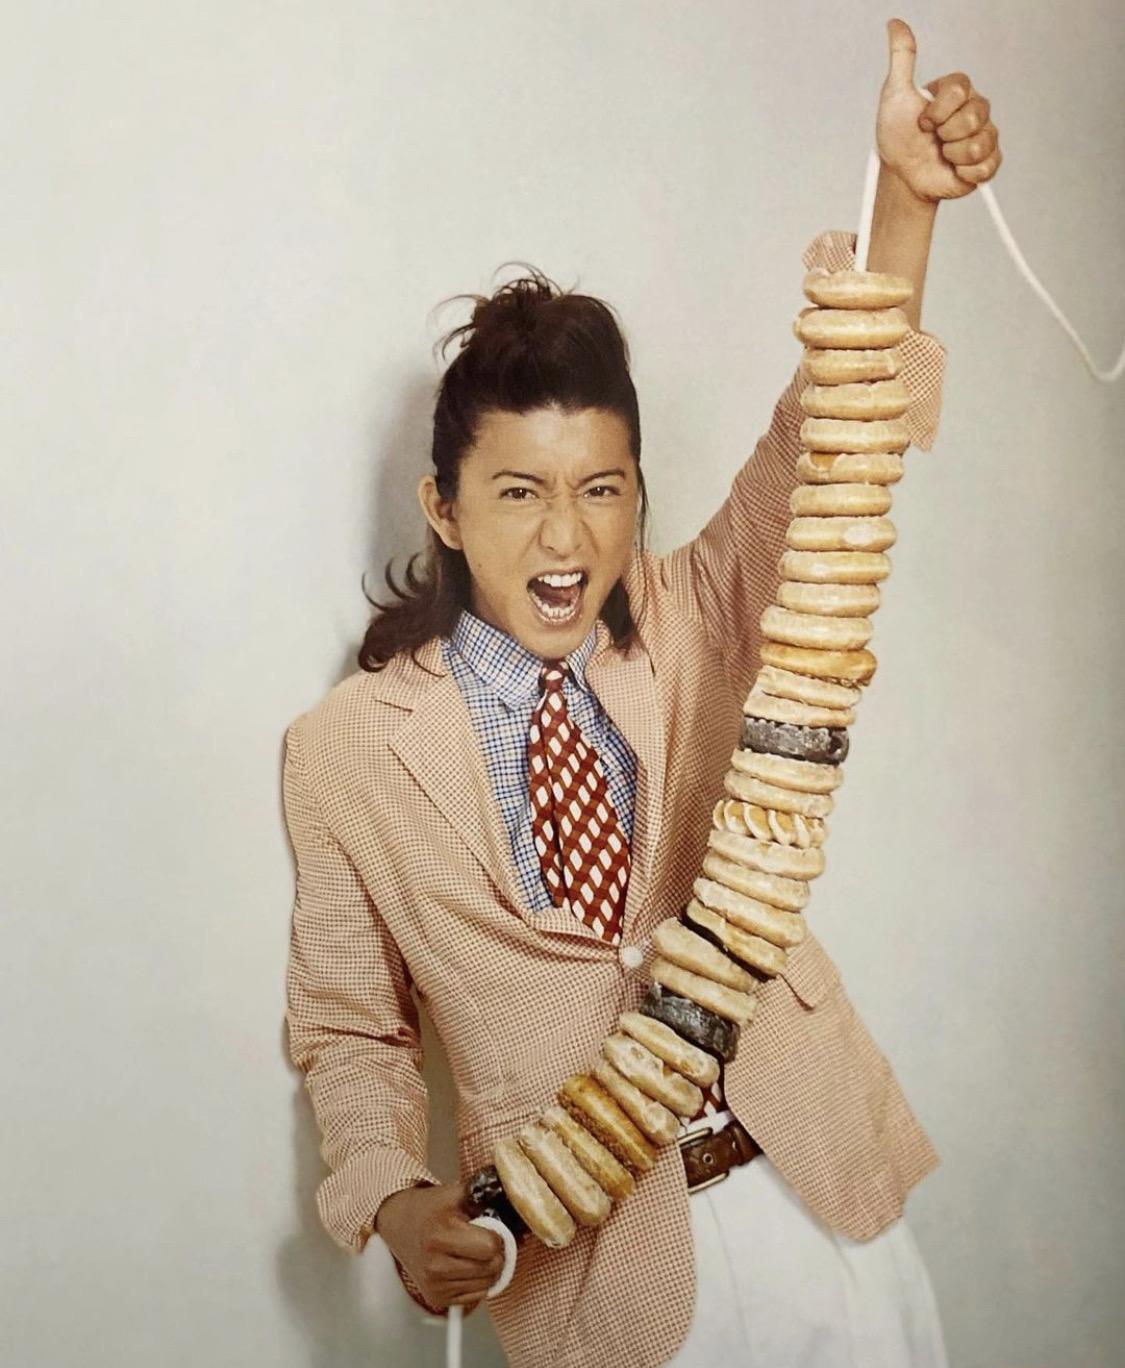 【画像】キムタク「ドーナツ40人分で」店員「持ち帰りですか?」キムタク「はい」